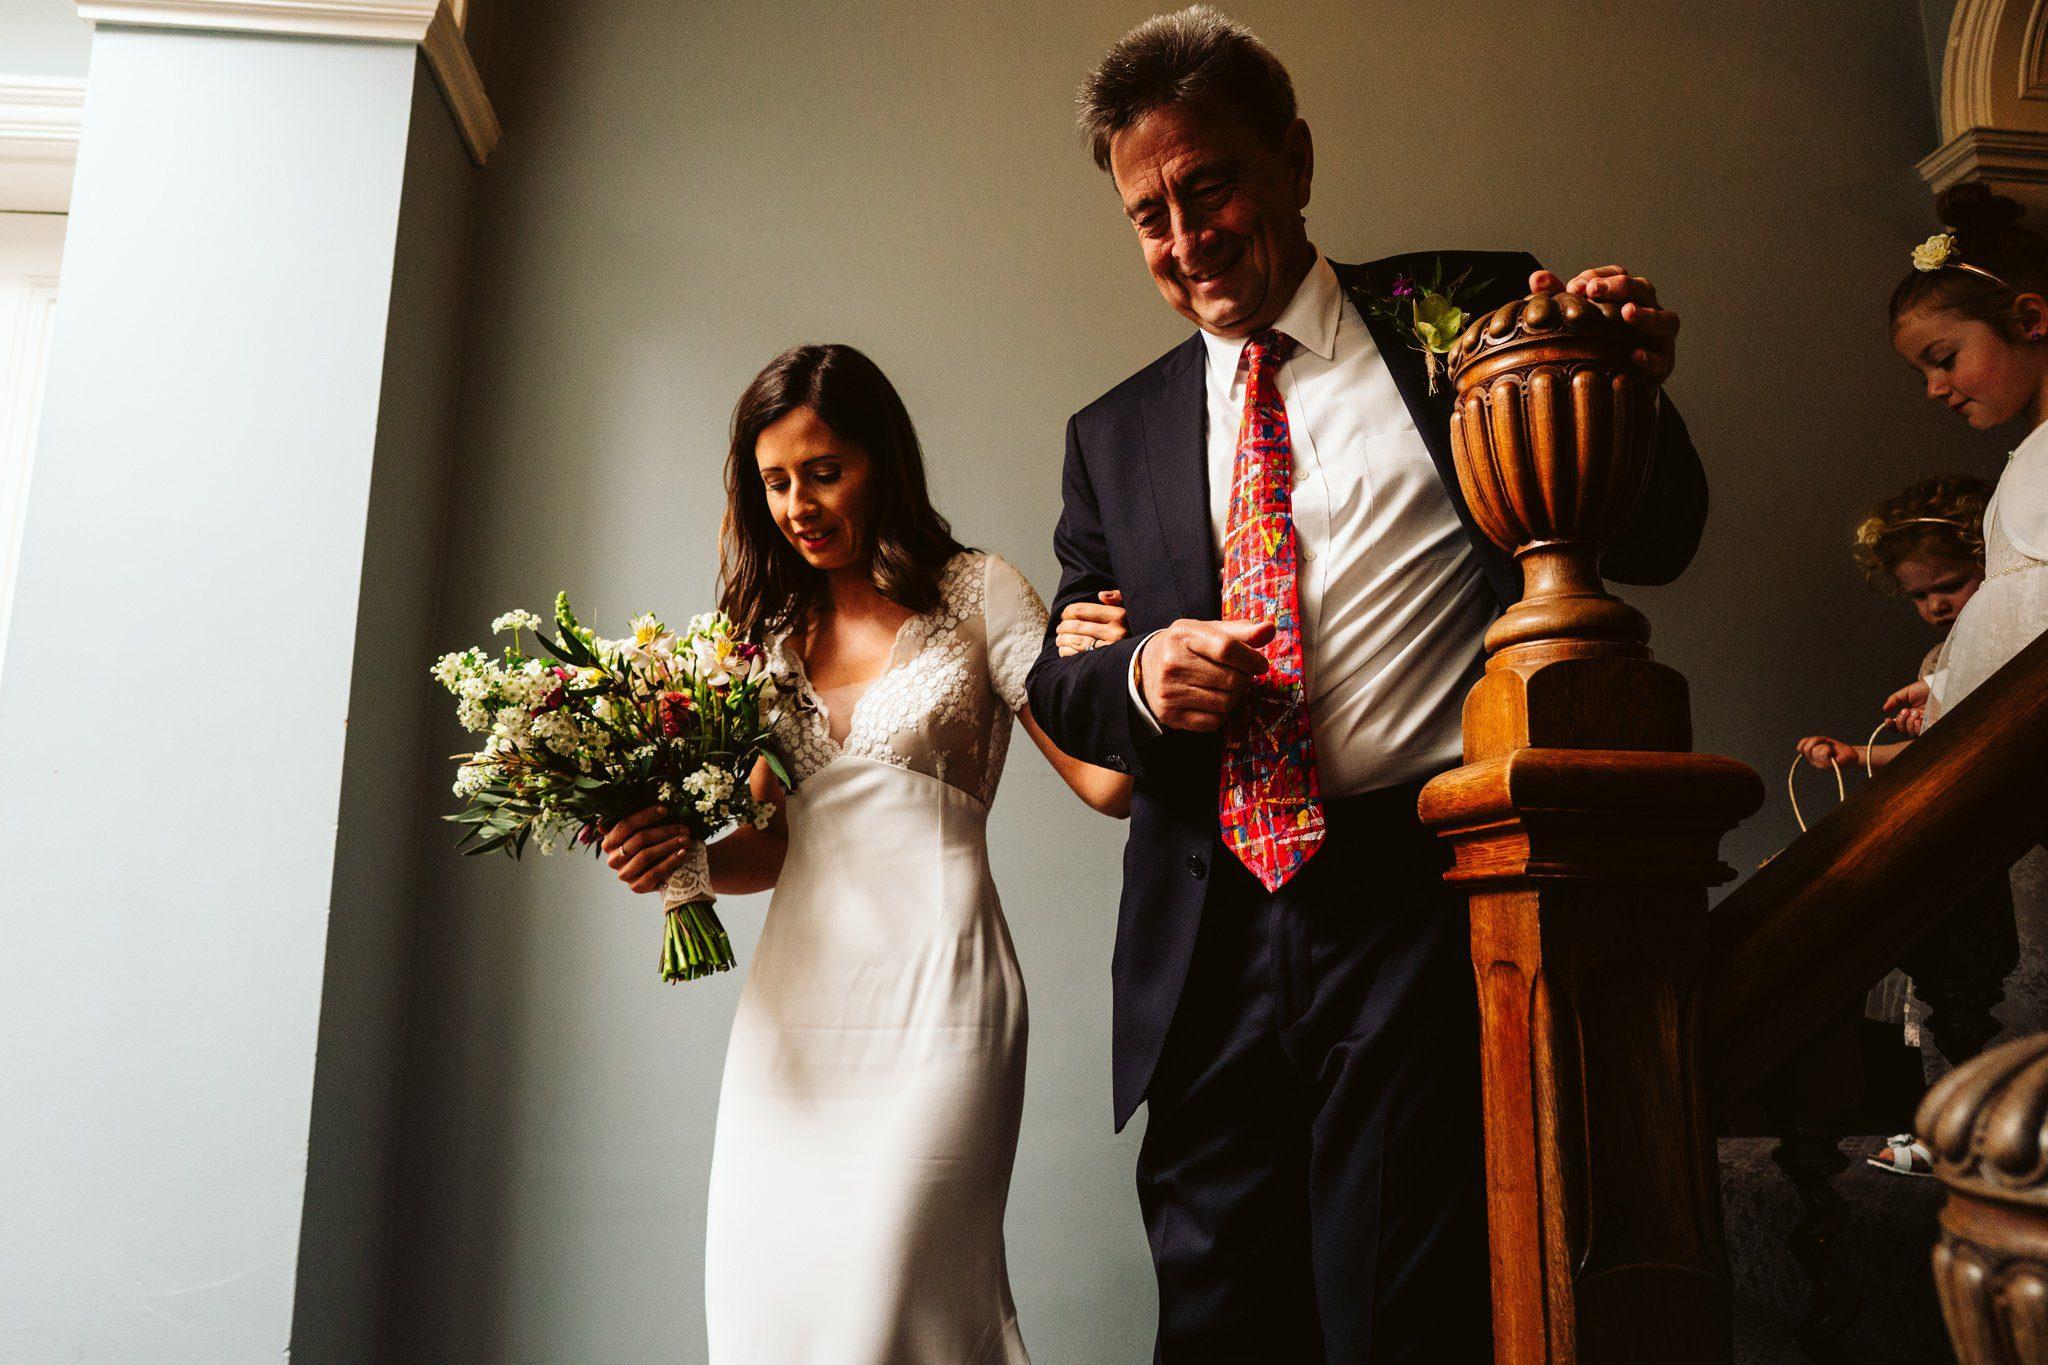 pendrall hall wedding photos